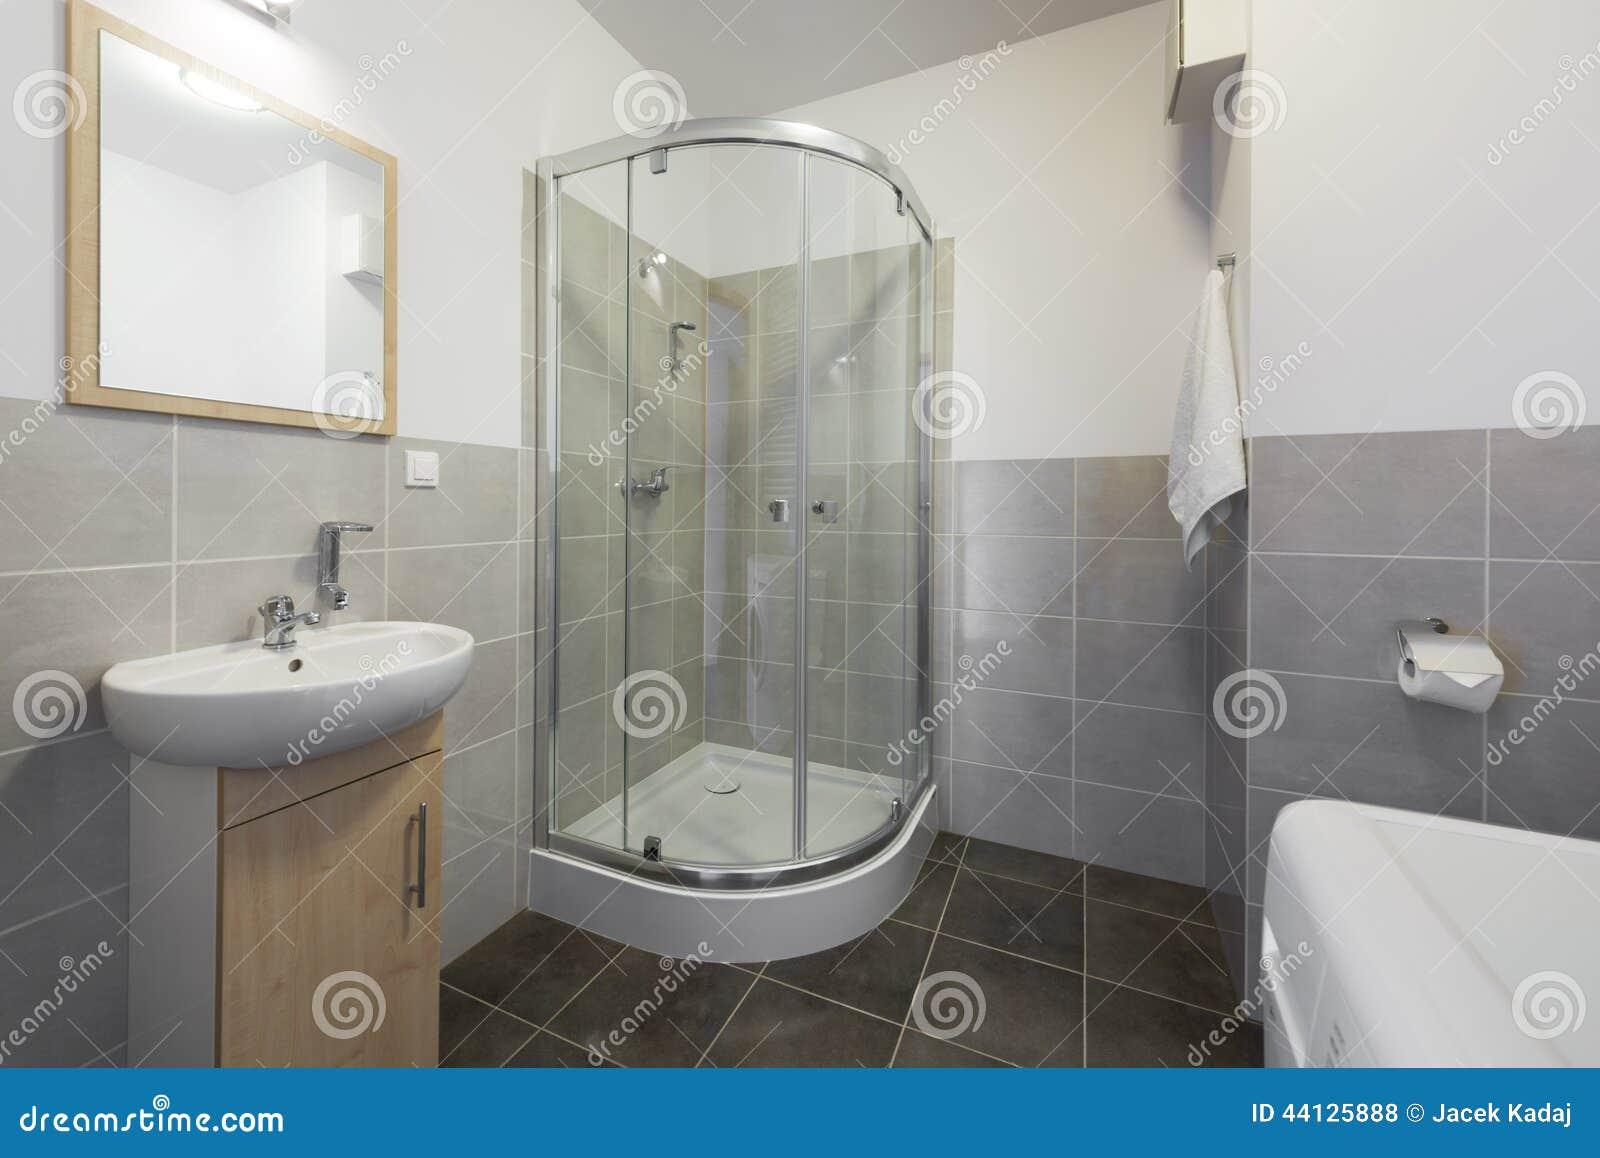 Nuevo Apartamento Vacío Cuarto De Baño Stock Images - 1,983 Photos